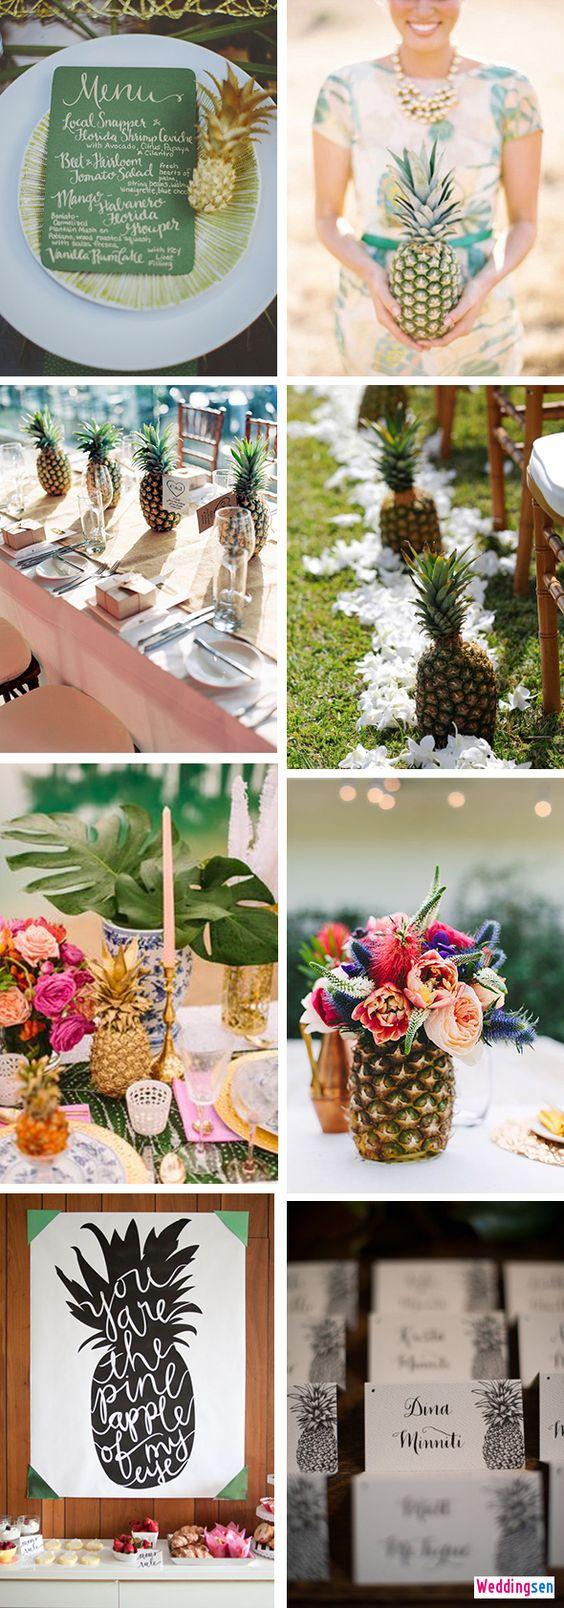 Inspiración para la decoración de bodas tropicales con piñas. Originales y únicas.